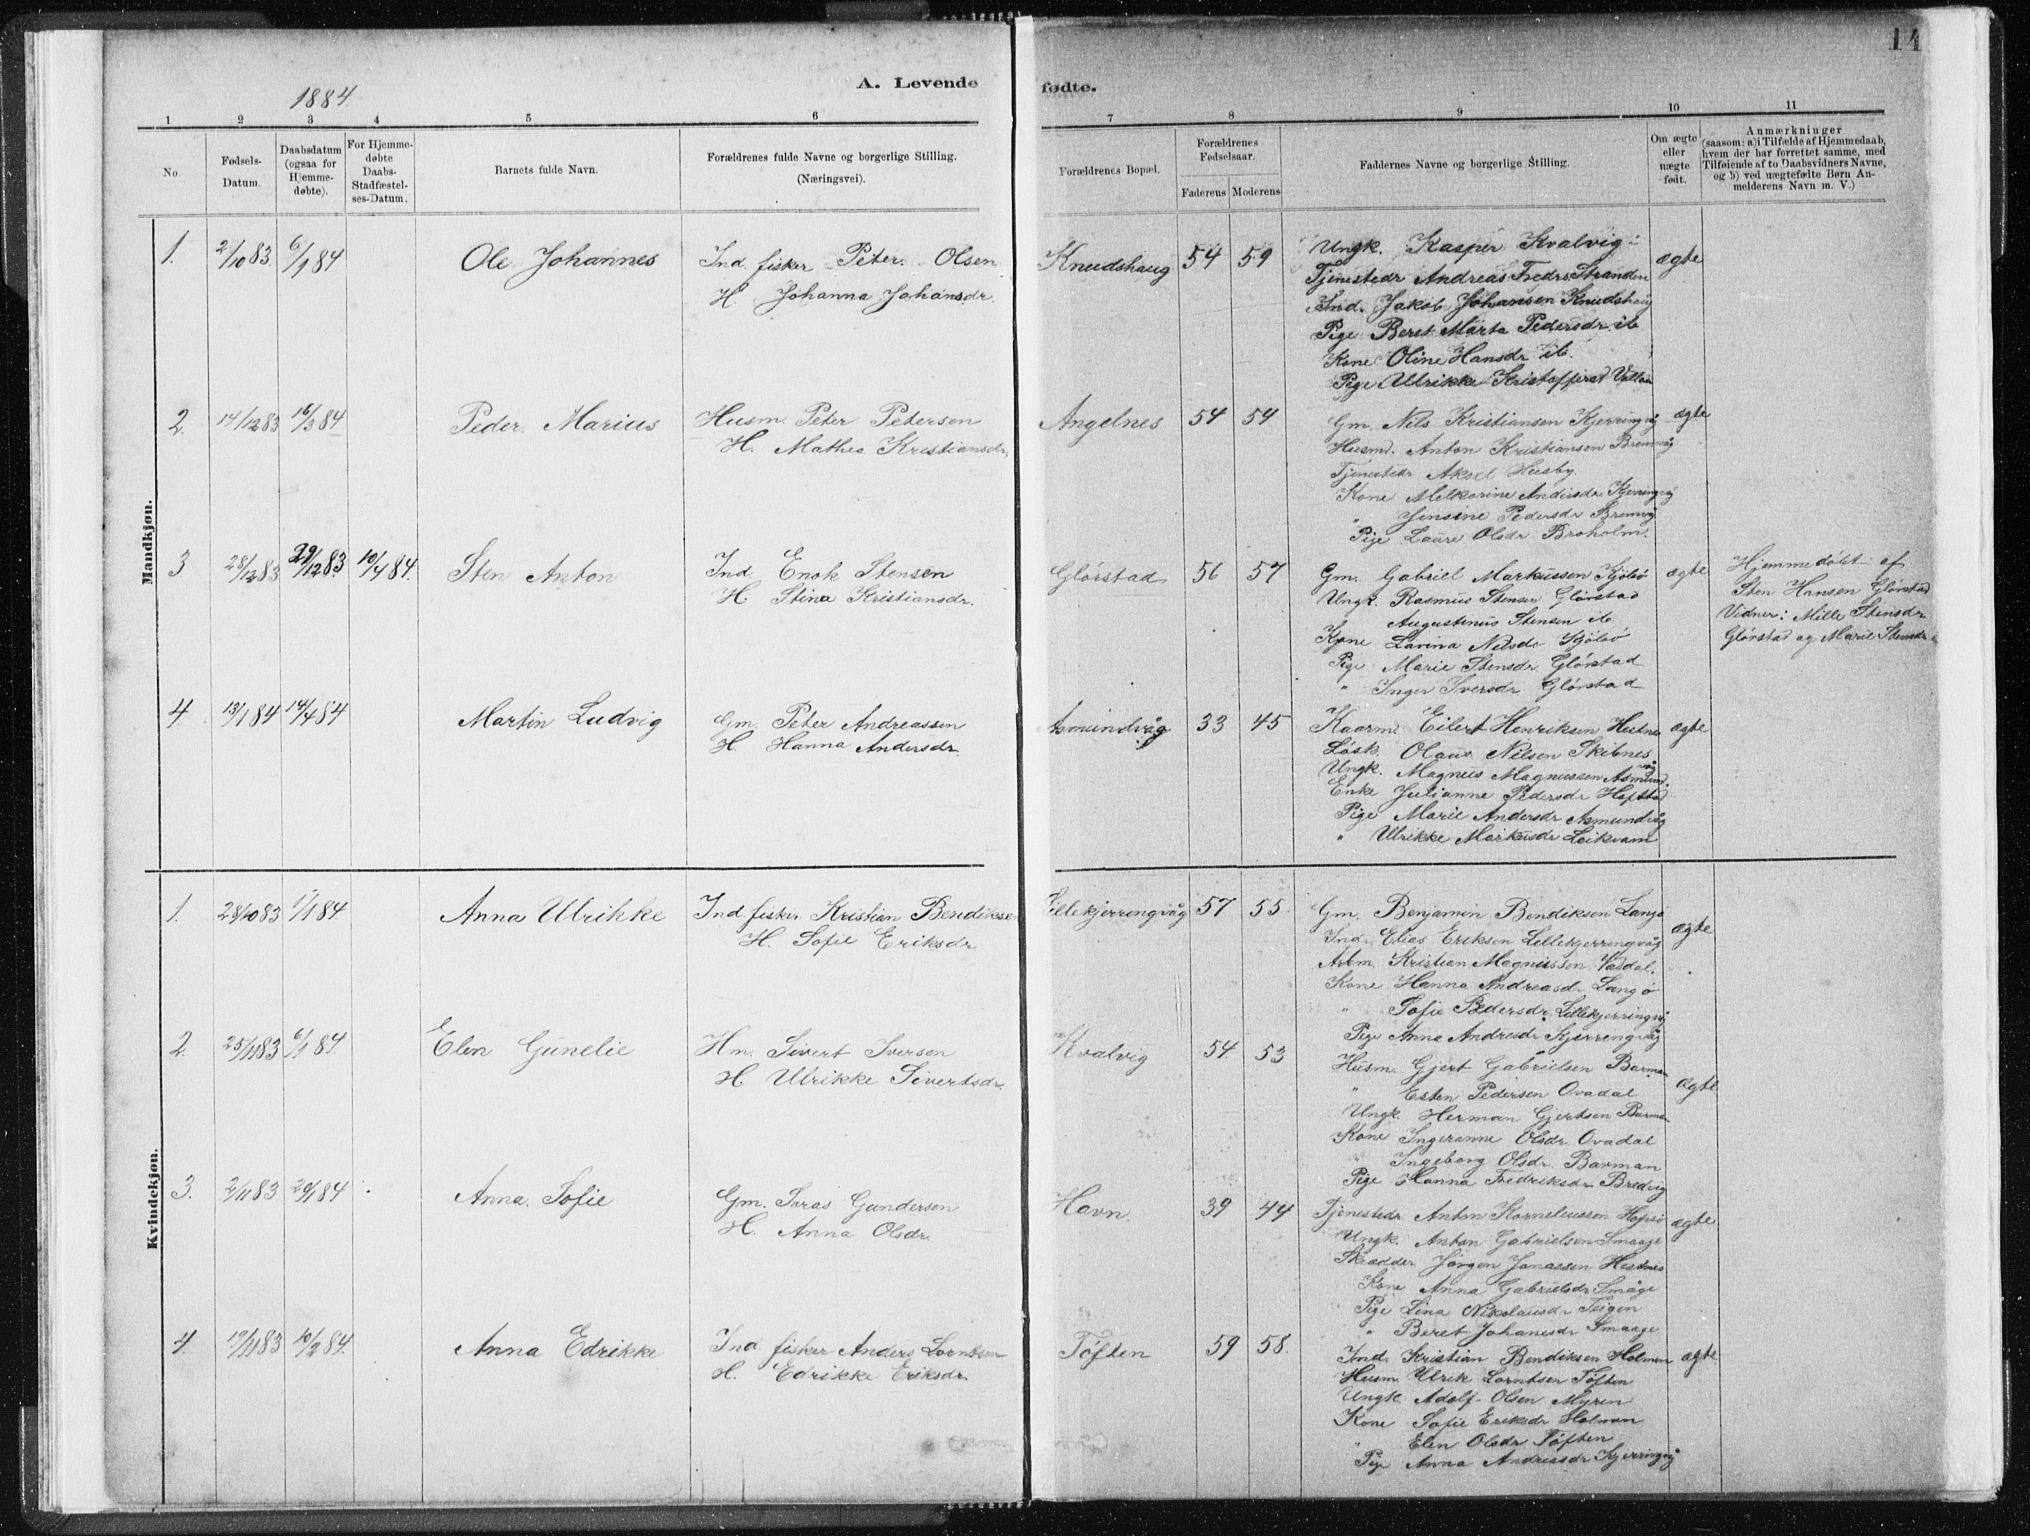 SAT, Ministerialprotokoller, klokkerbøker og fødselsregistre - Sør-Trøndelag, 634/L0533: Ministerialbok nr. 634A09, 1882-1901, s. 14